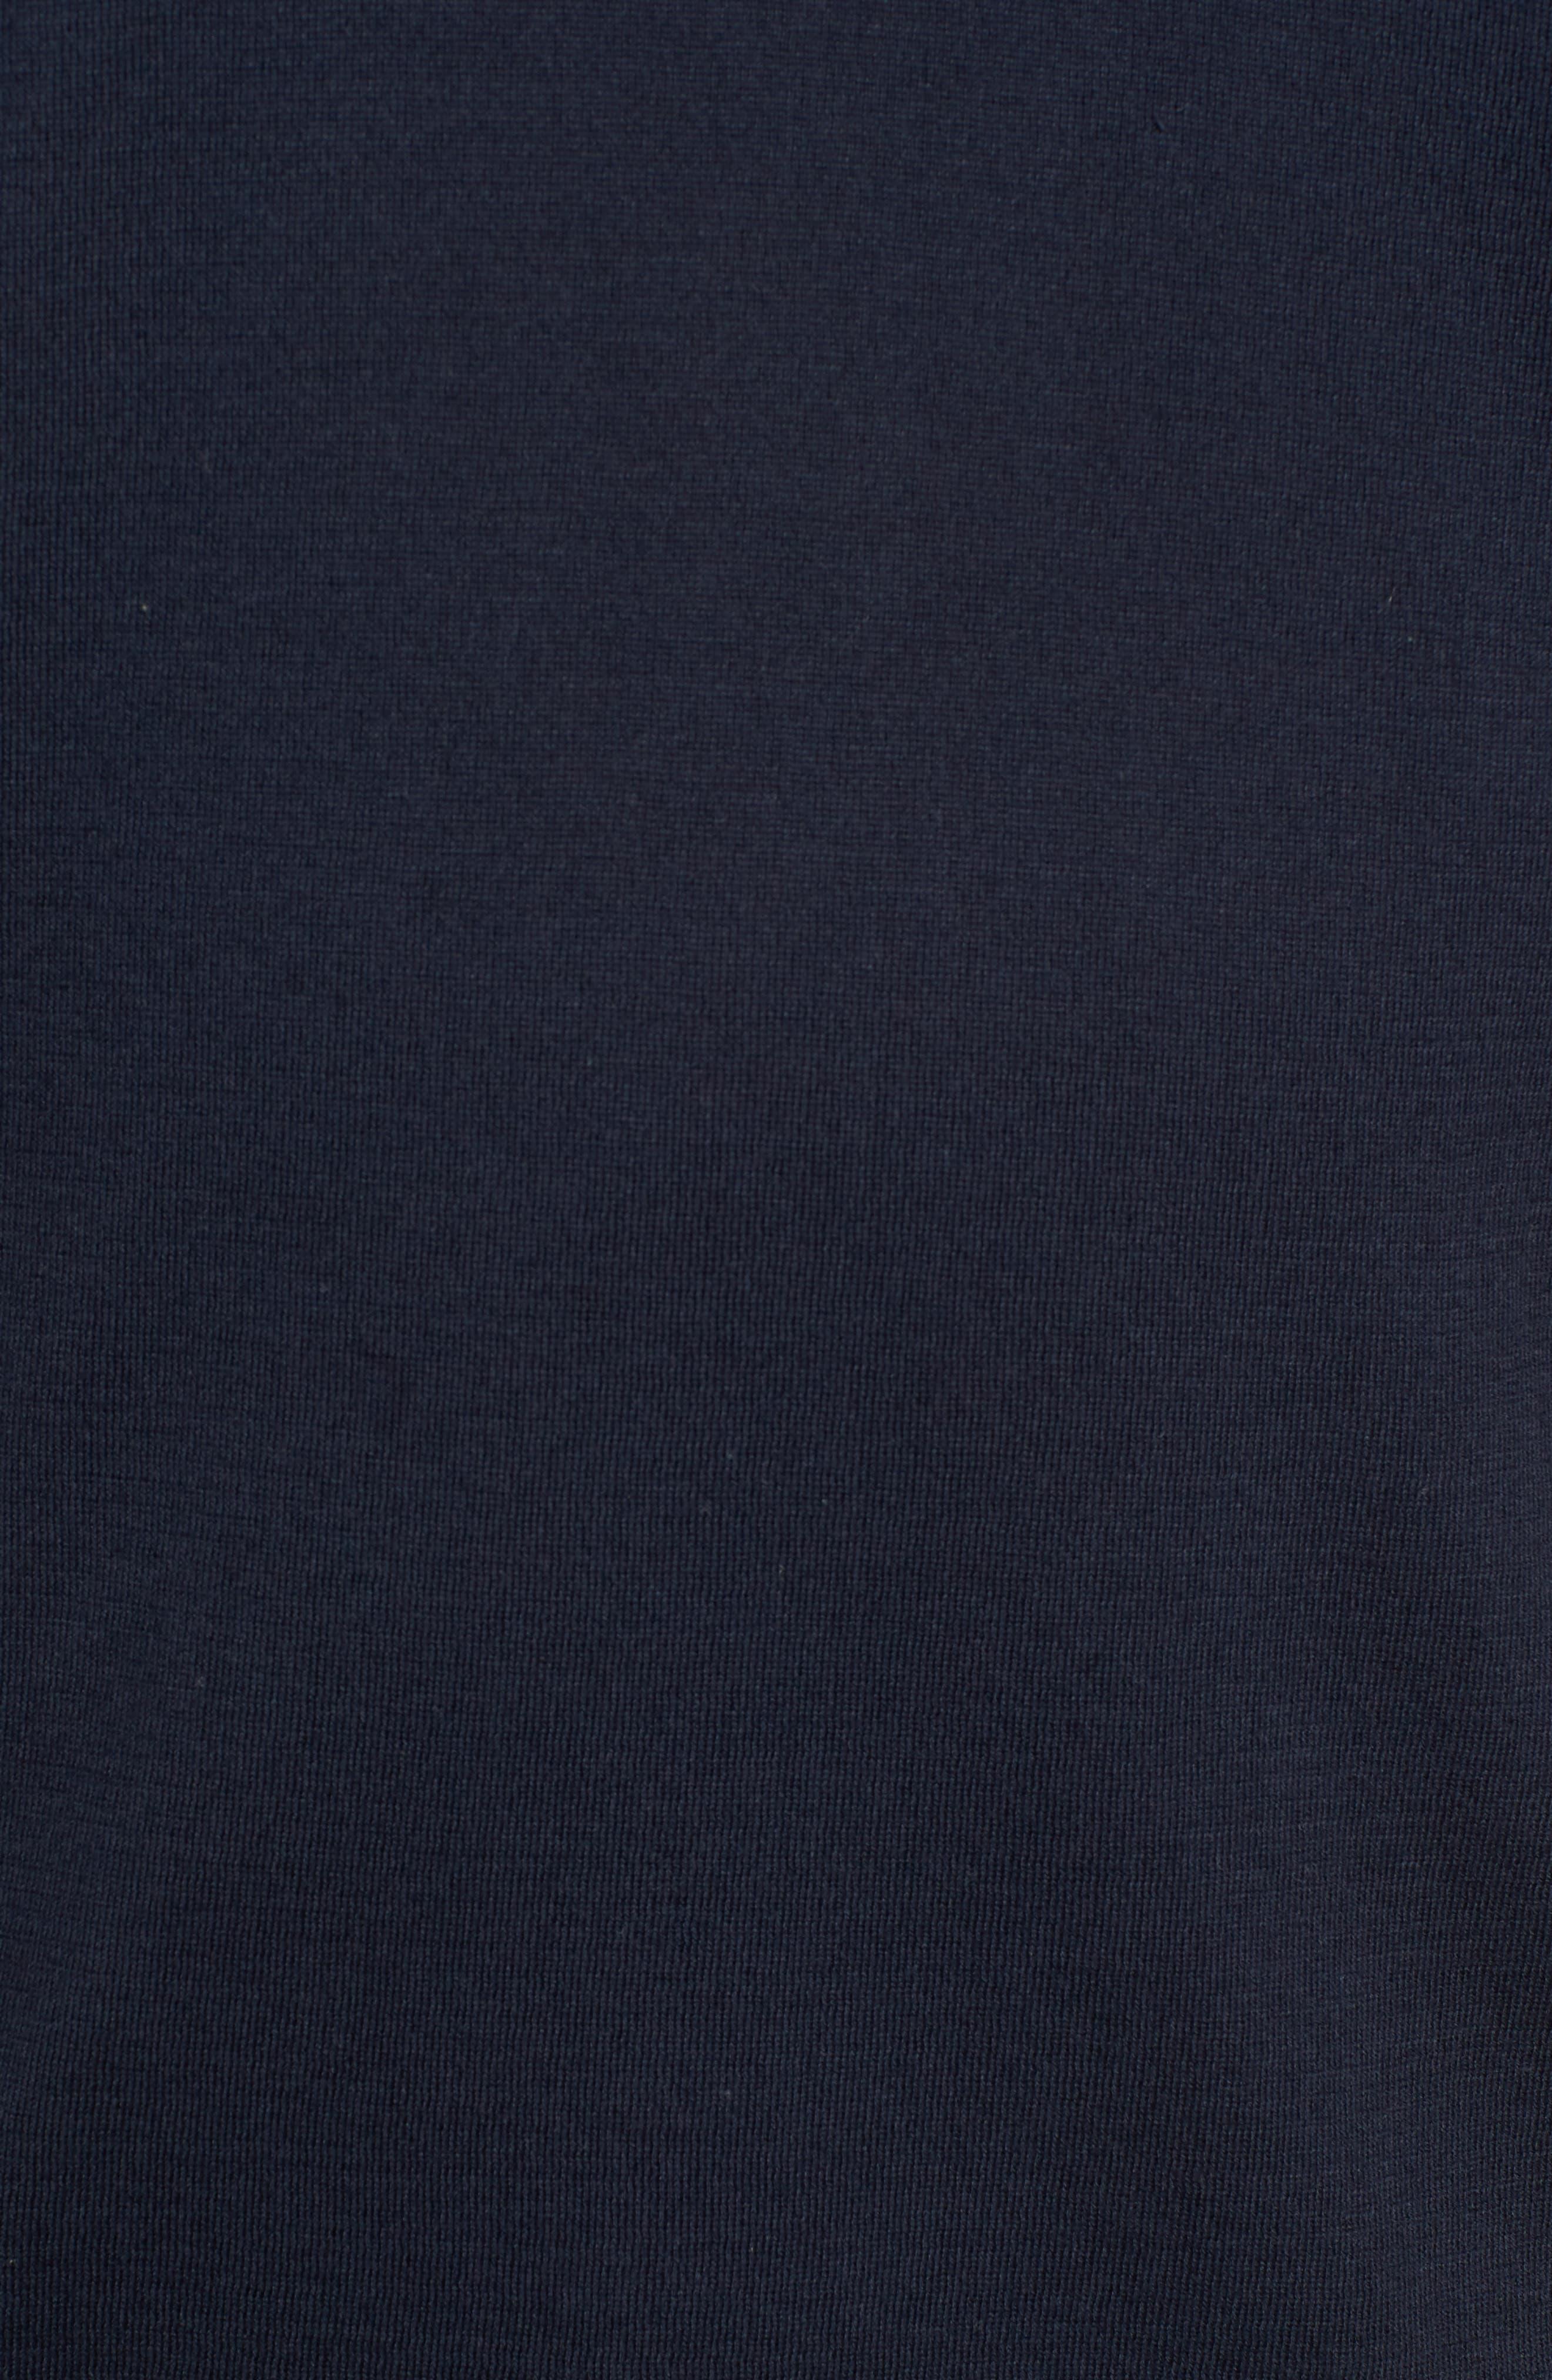 Regular Fit Ringer T-Shirt,                             Alternate thumbnail 5, color,                             FRENCH NAVY/ BLACK